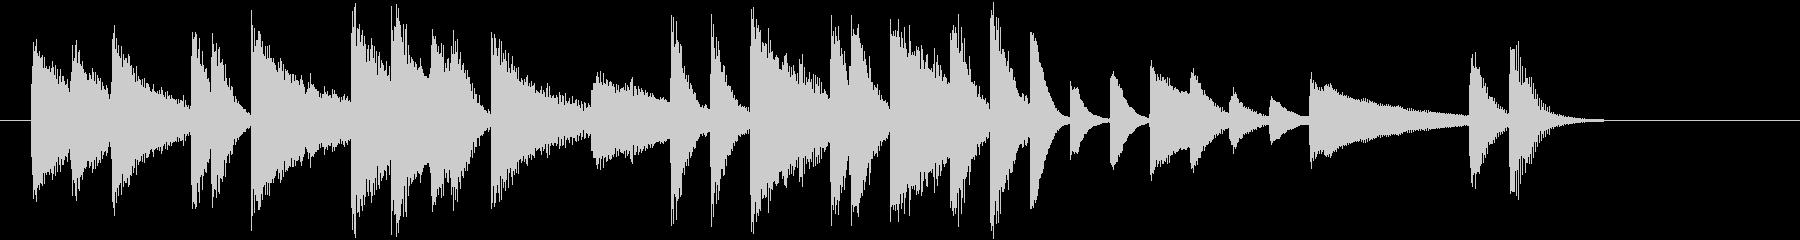 ジングルベルモチーフのピアノジングルCの未再生の波形